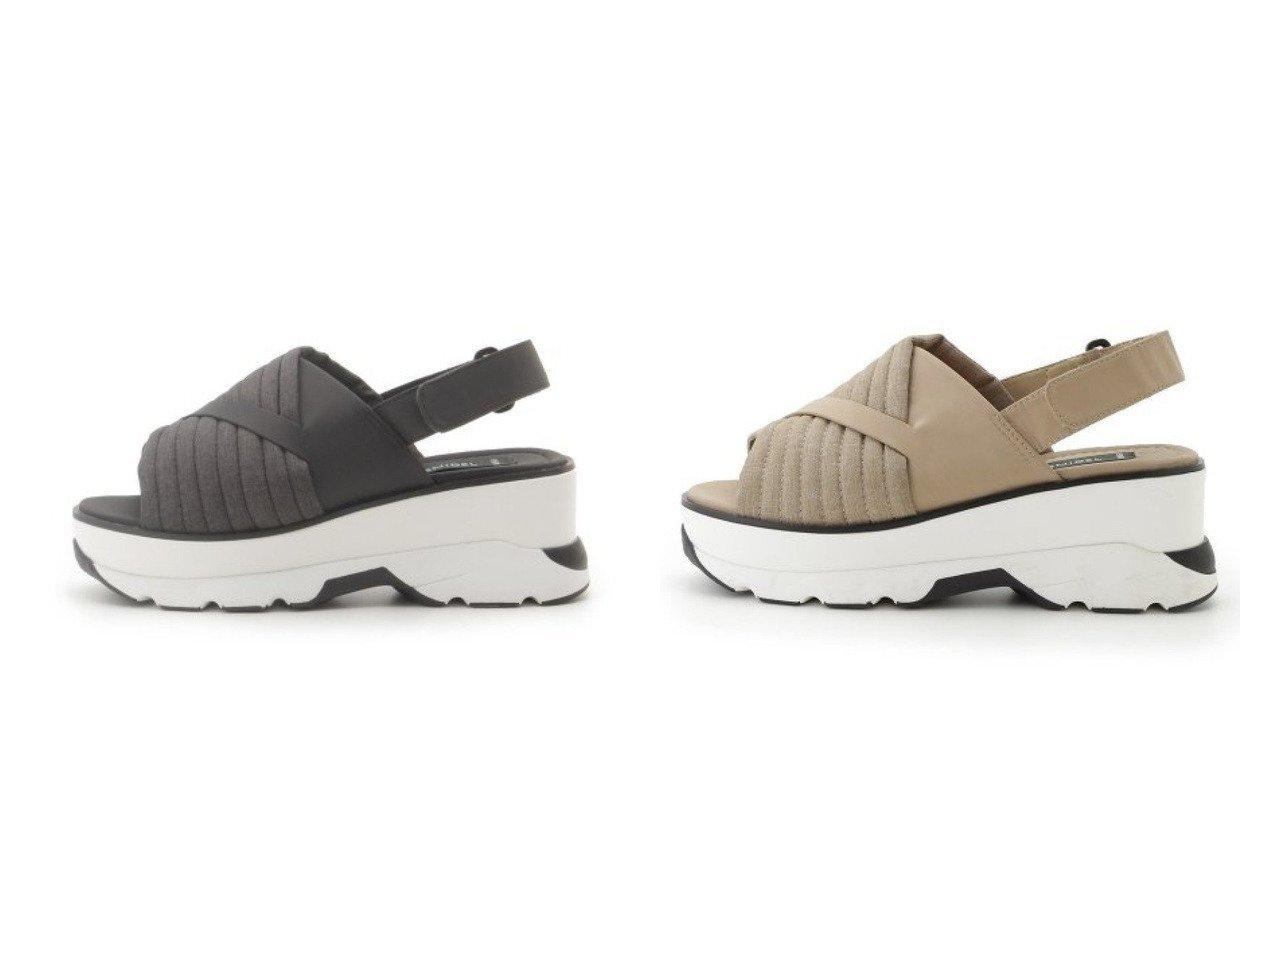 【emmi/エミ】の【emmi atelier】ONLINE限定emmiSNIDELスニーカーソールサンダル 【シューズ・靴】おすすめ!人気、トレンド・レディースファッションの通販 おすすめで人気の流行・トレンド、ファッションの通販商品 メンズファッション・キッズファッション・インテリア・家具・レディースファッション・服の通販 founy(ファニー) https://founy.com/ ファッション Fashion レディースファッション WOMEN サンダル シューズ フォルム ミュール |ID:crp329100000036734